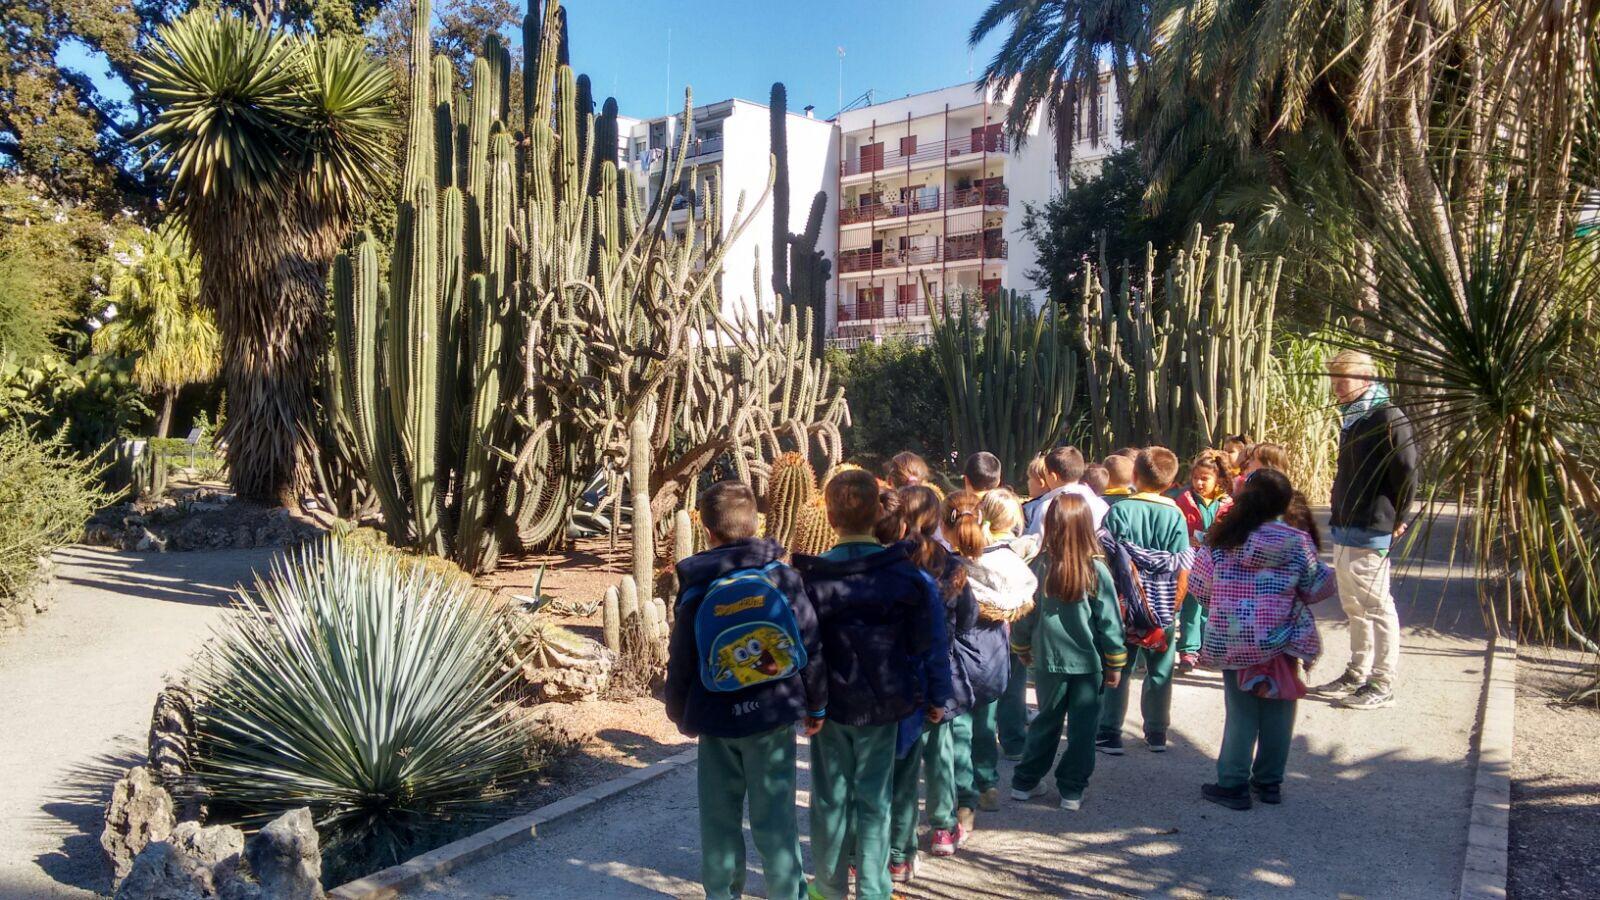 Jard n bot nico colegio concha espina valencia - Jardin botanico valencia ...